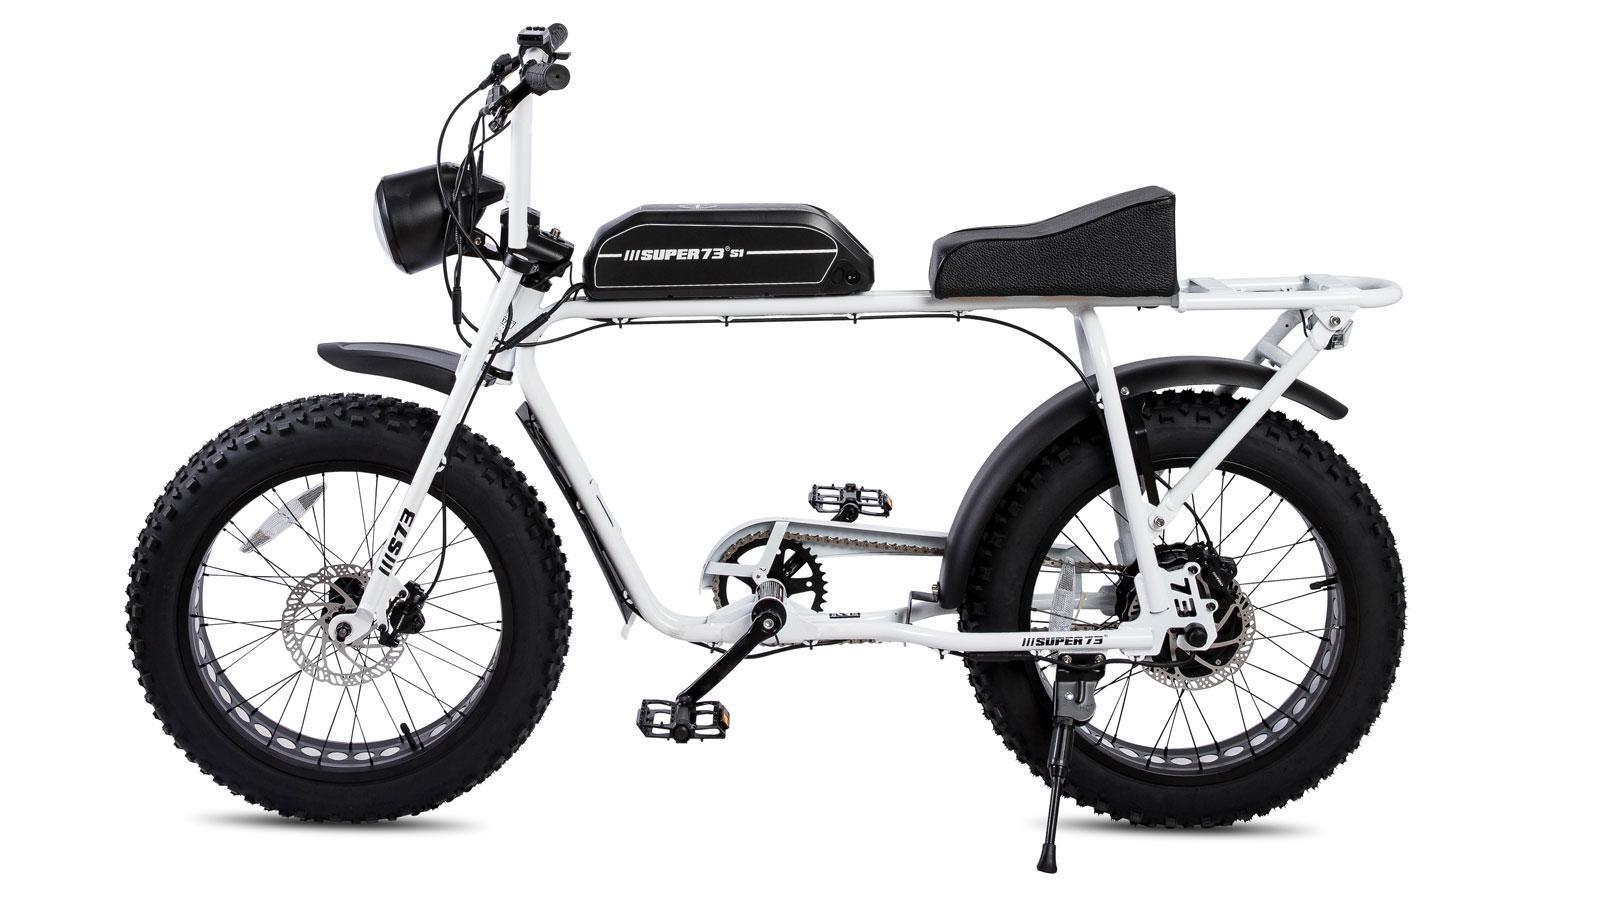 Ein Bild, das Kraftrad, Transport, geparkt, Luft enthält.  Automatisch generierte Beschreibung